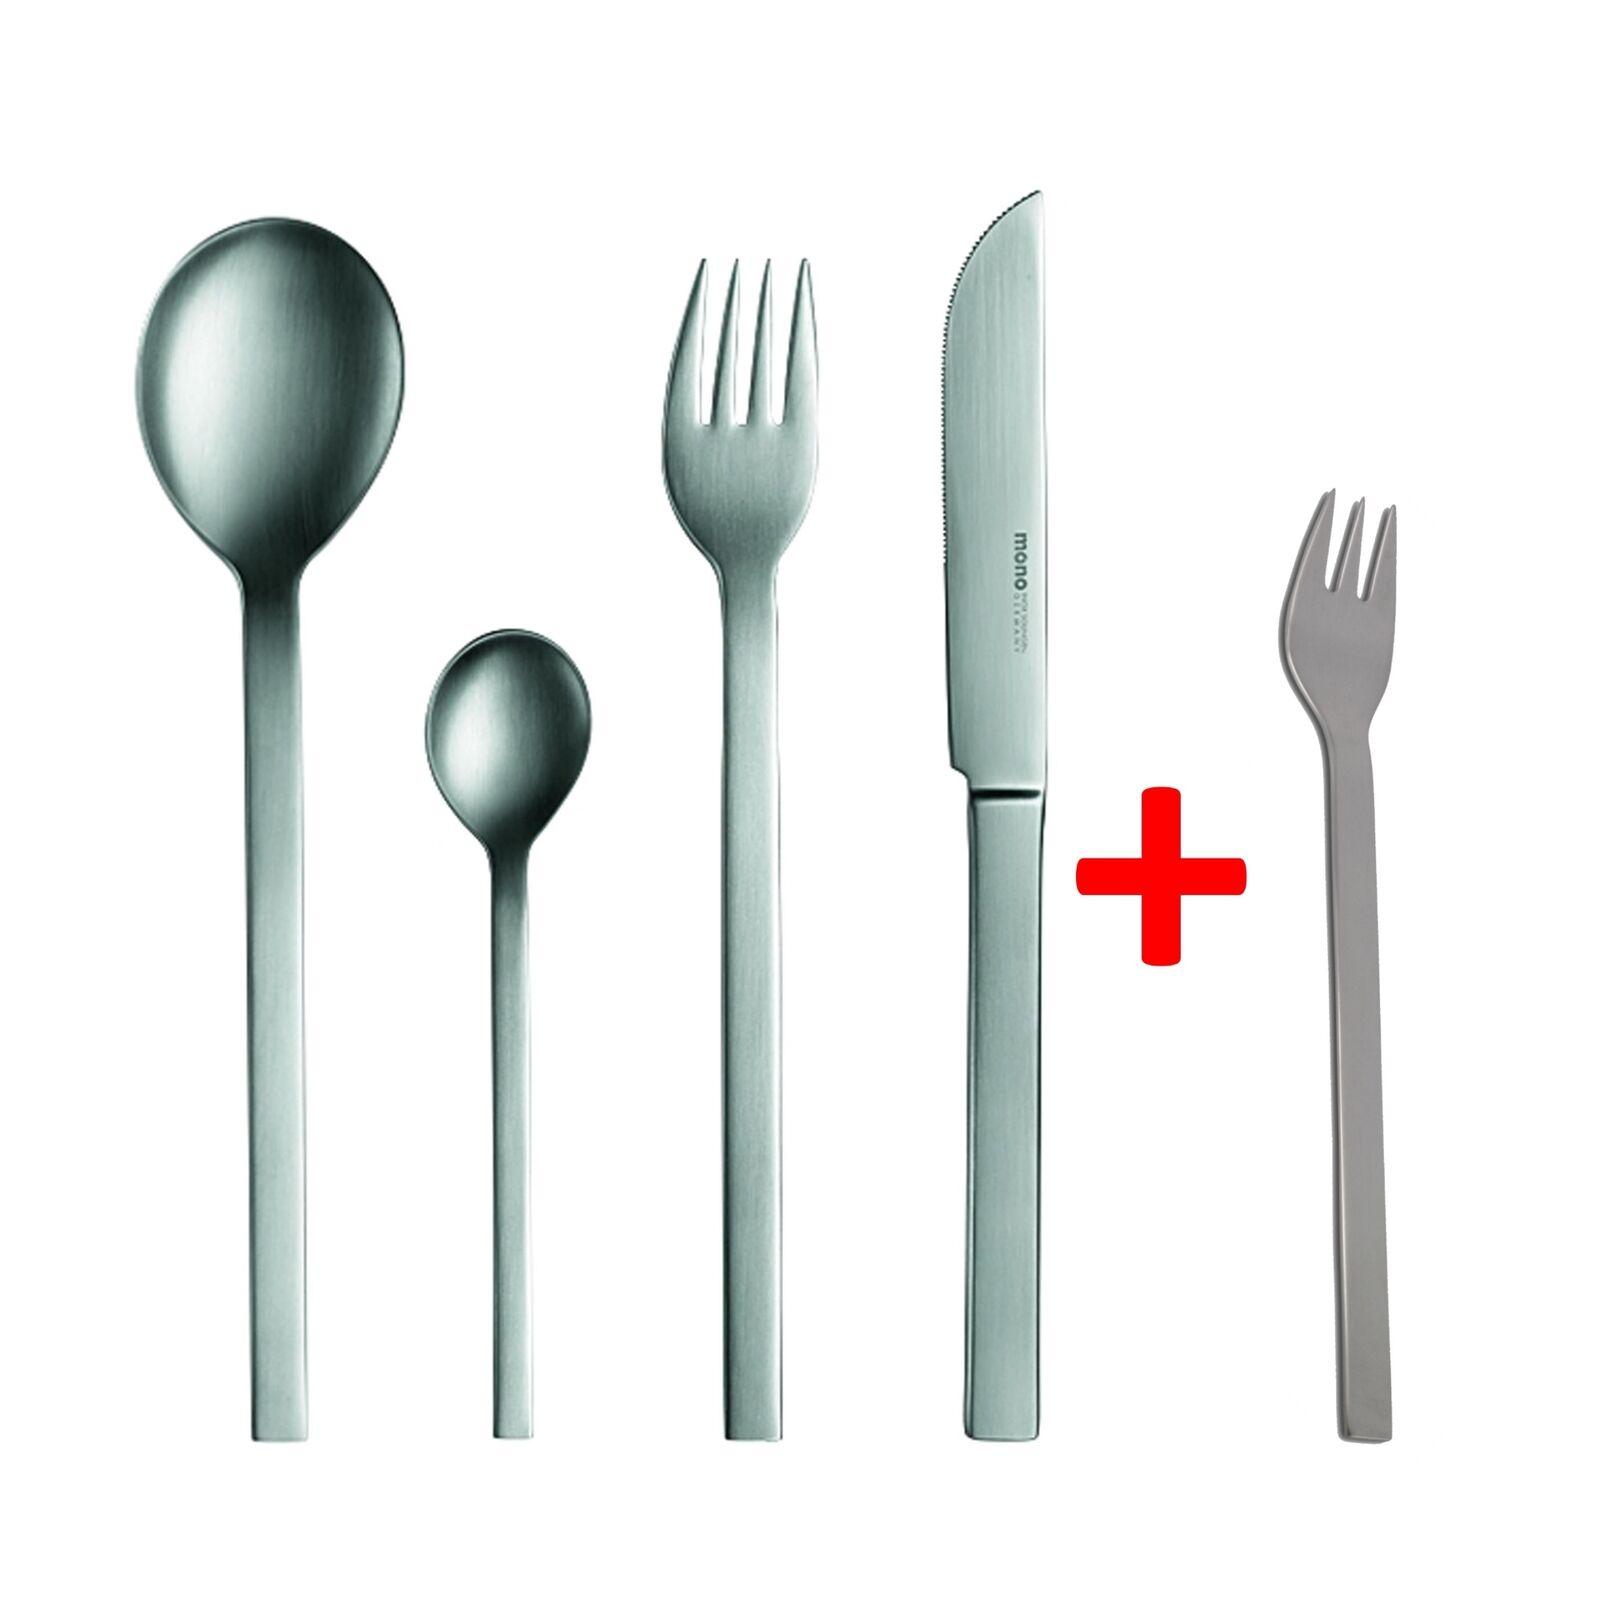 Mono couverts mono-A 24 pièces Mat à l'extérieur-long Couteau Lame 43 + 6 fourchettes à gateau